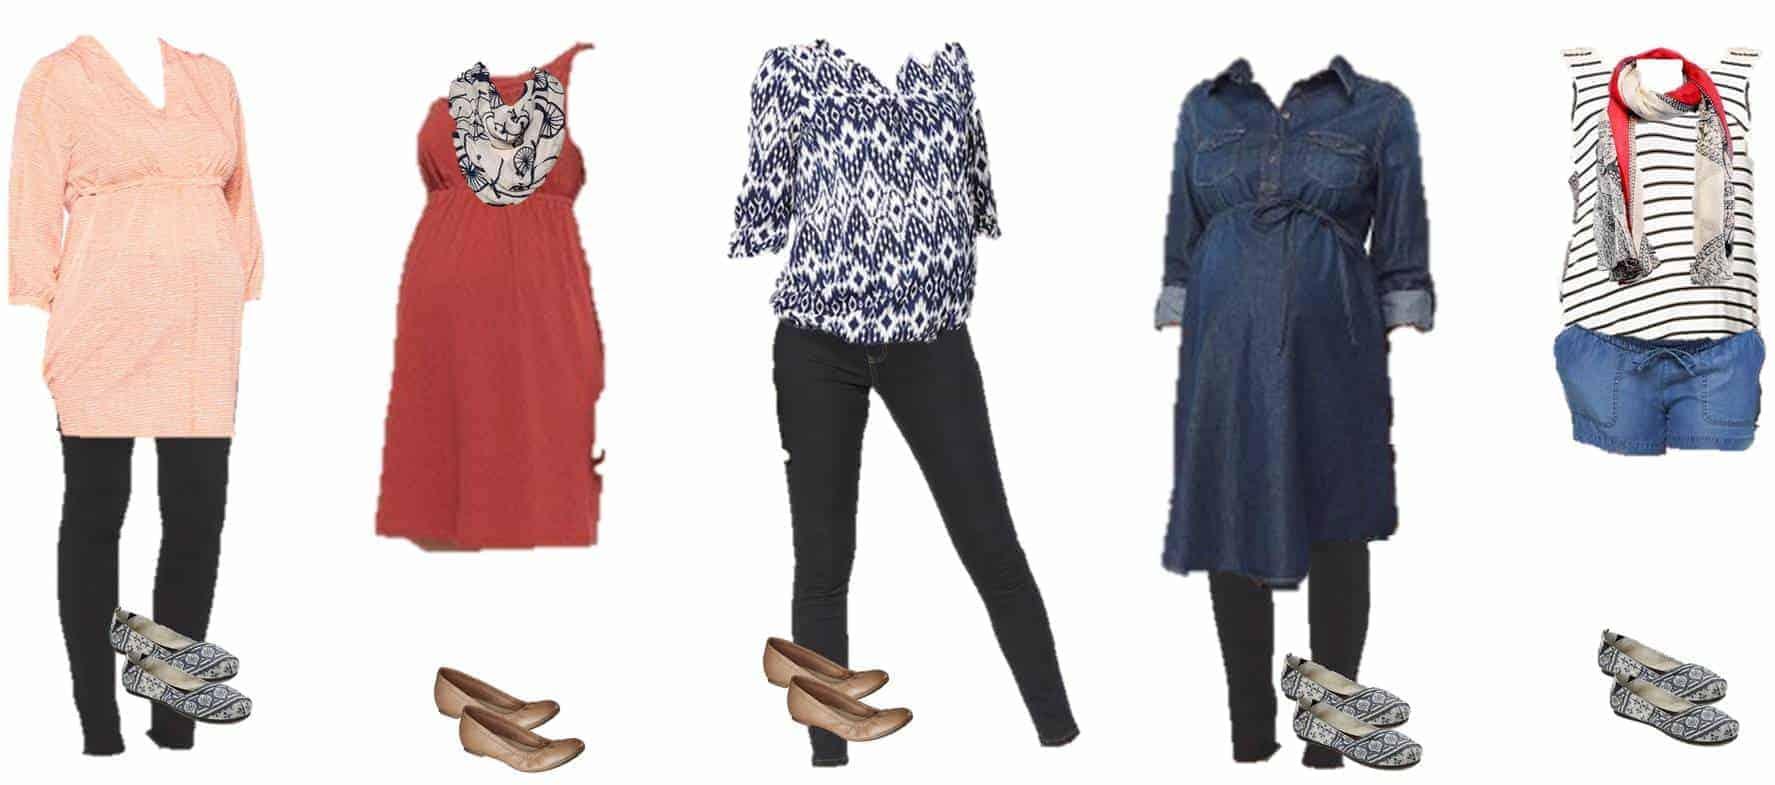 Summer Pregnancy Maternity Fashion